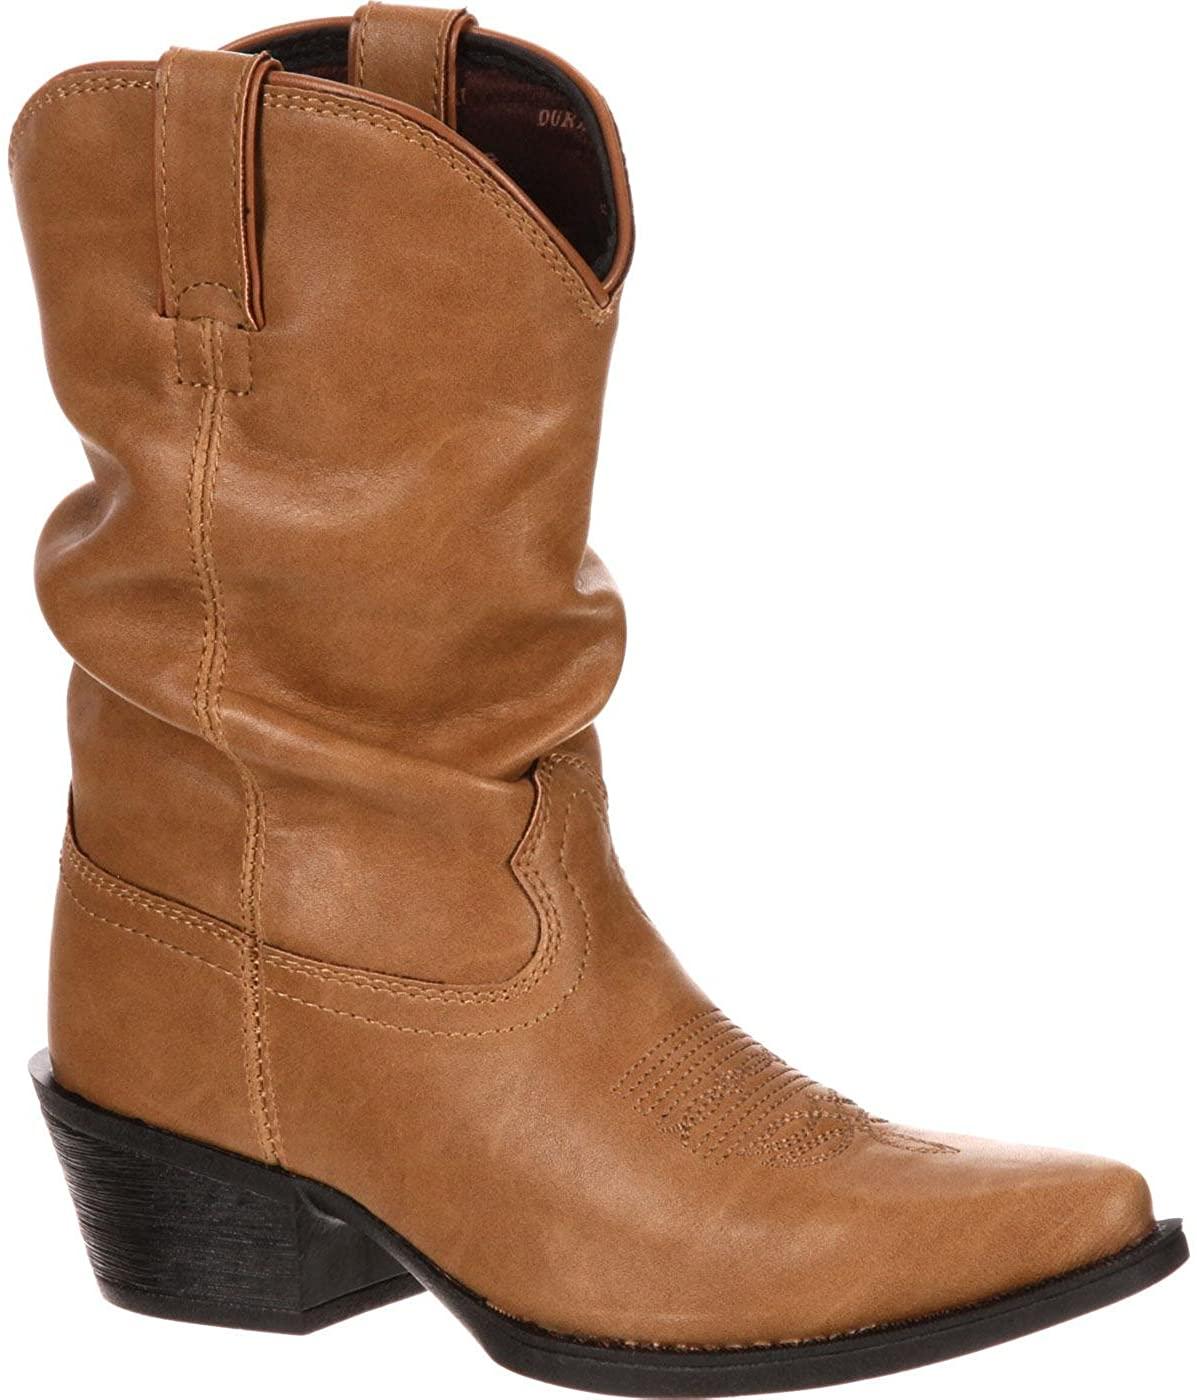 Durango Boot Girls' DBT0108 8